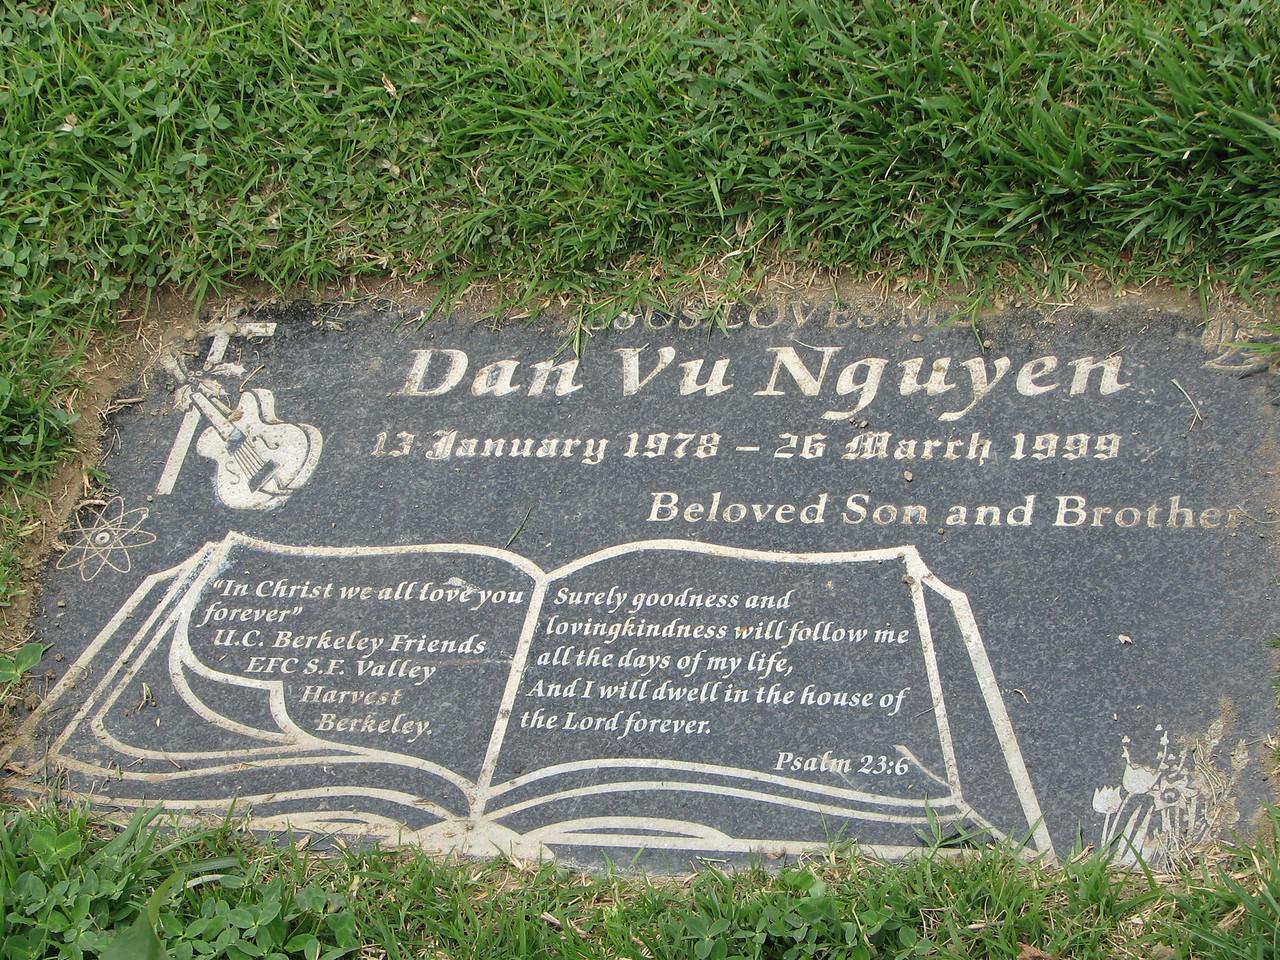 2007 03 26 Mon - Dan Nguyen's gravesite @ Rose Hills cemetary 3